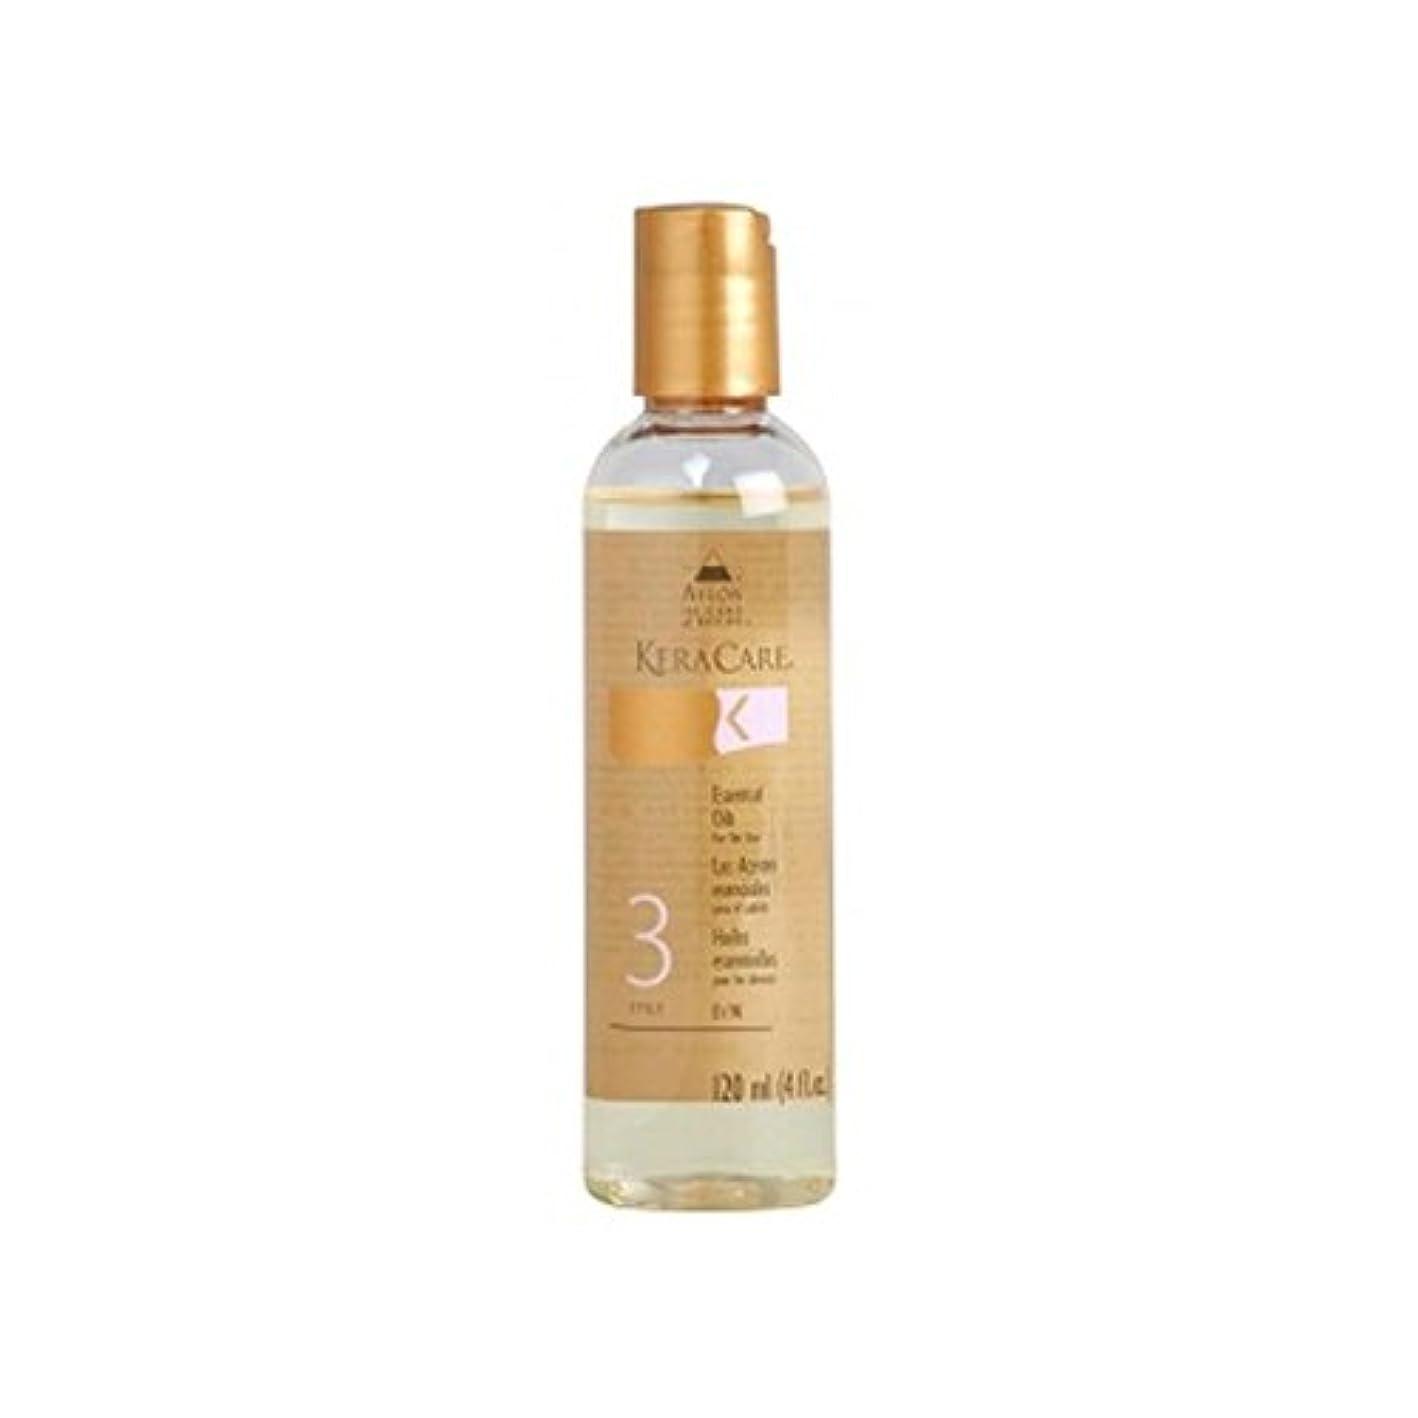 思いやりのある結晶すみませんKeracare Essential Oils For The Hair (120ml) - 髪のためのエッセンシャルオイル(120ミリリットル) [並行輸入品]